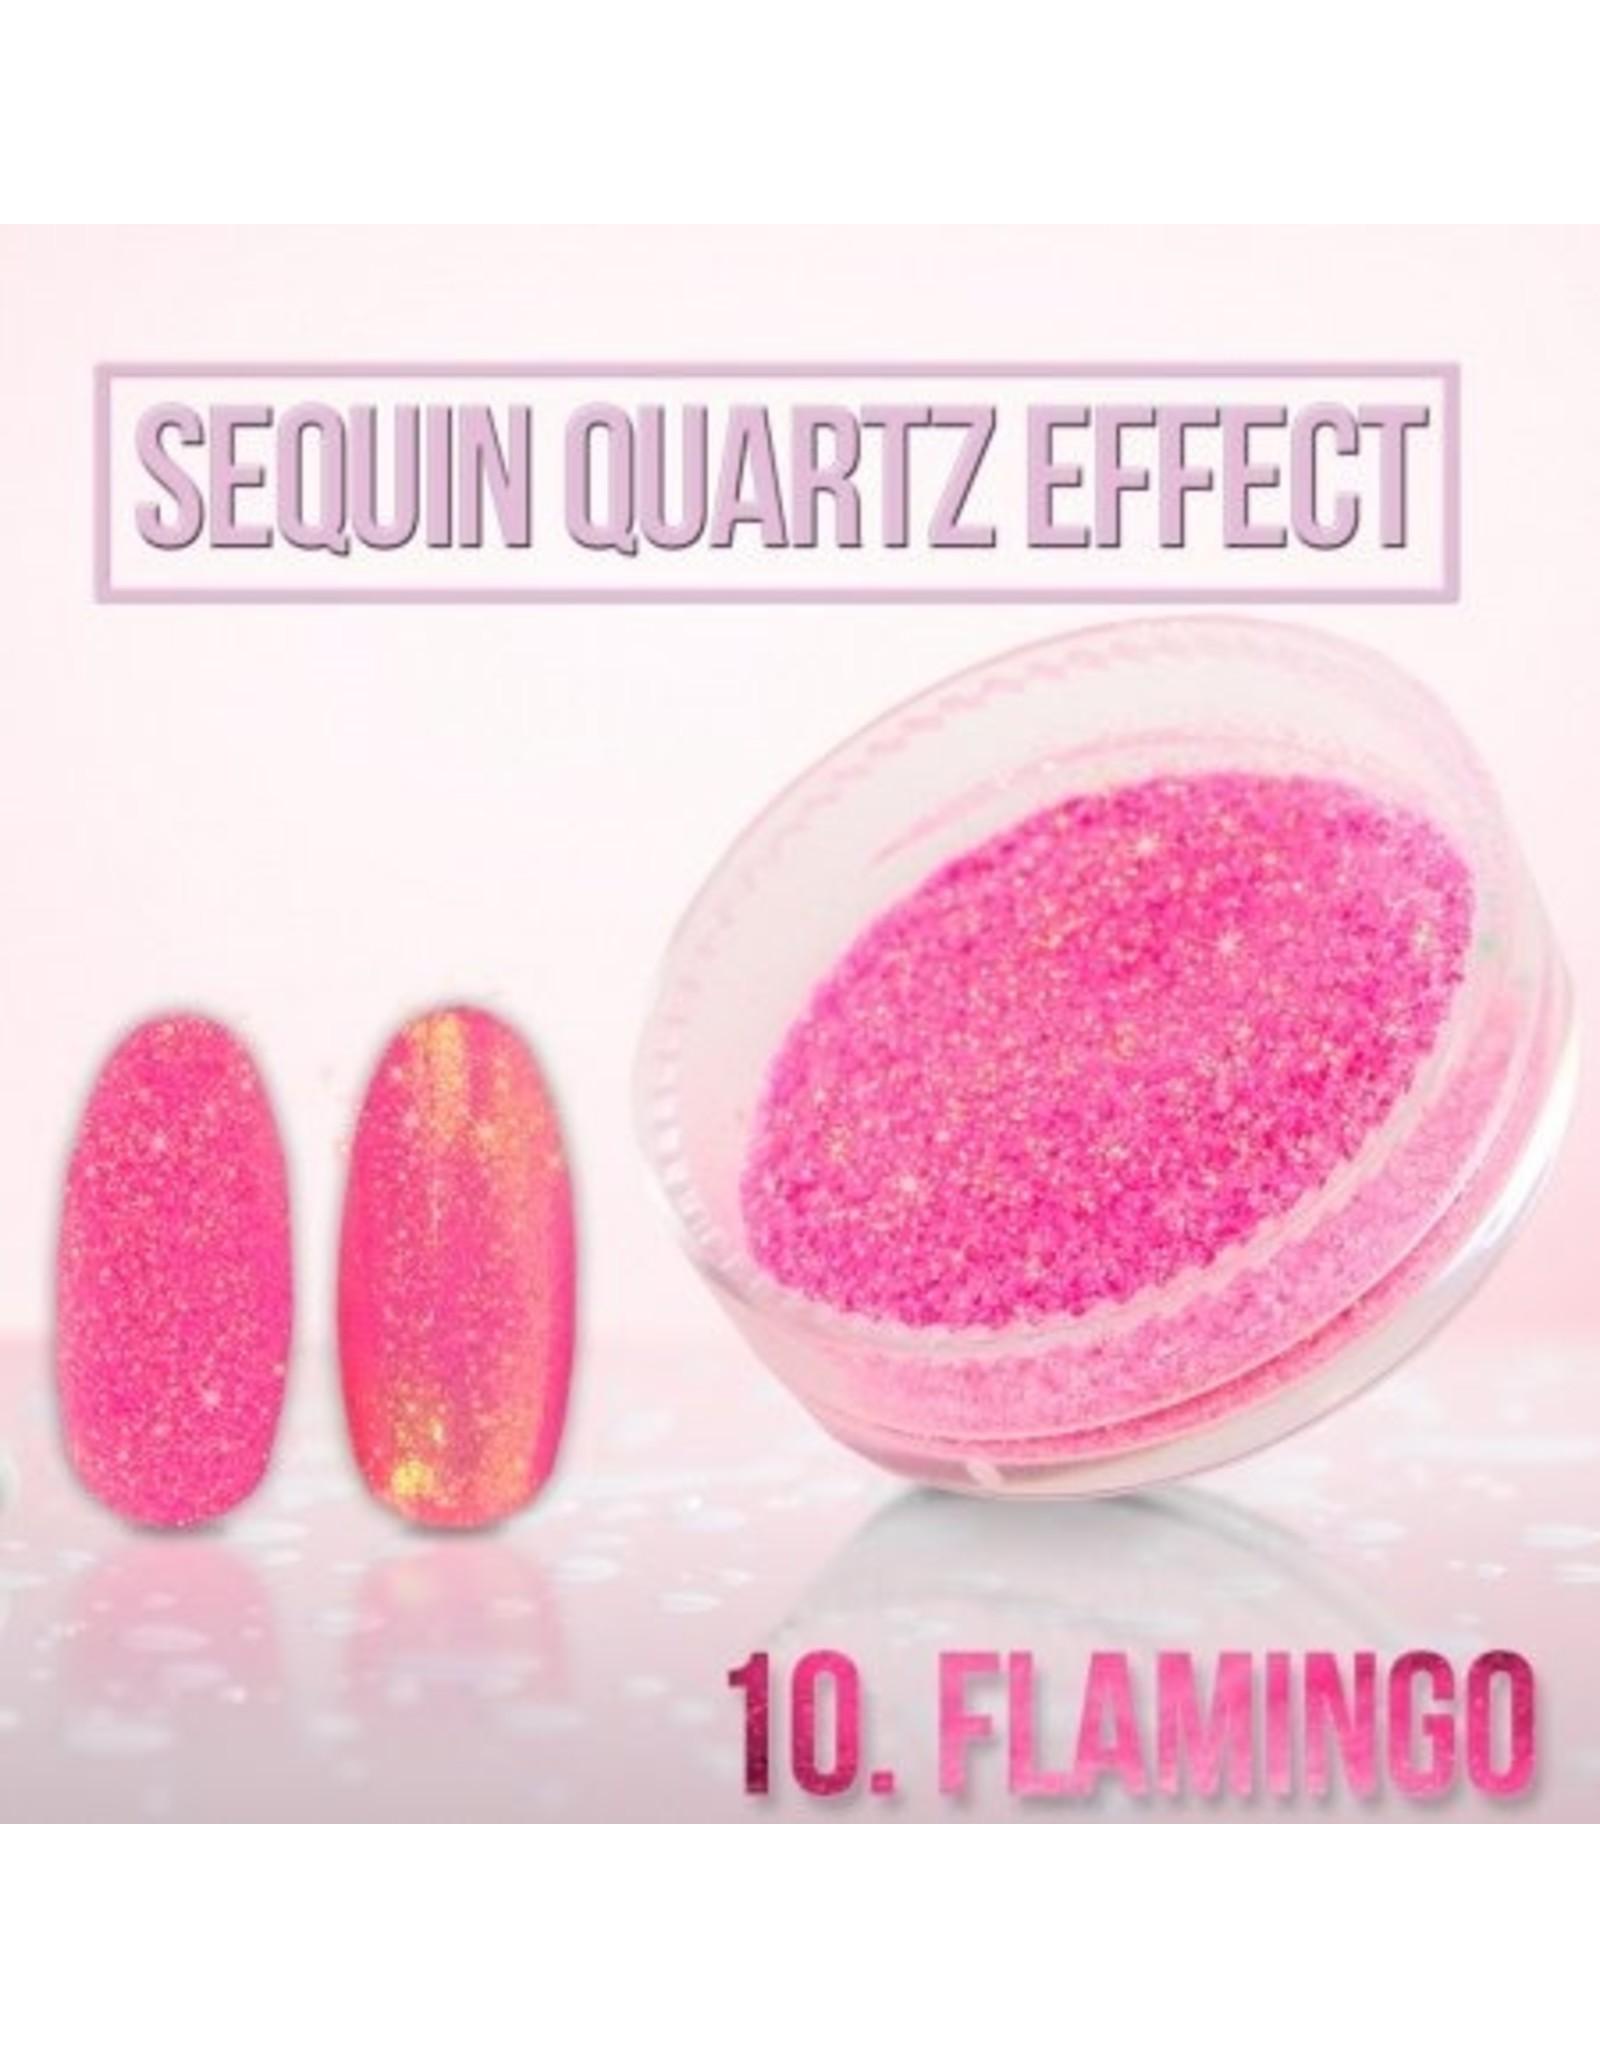 Merkloos Seaquin Quarts effect - Flamingo